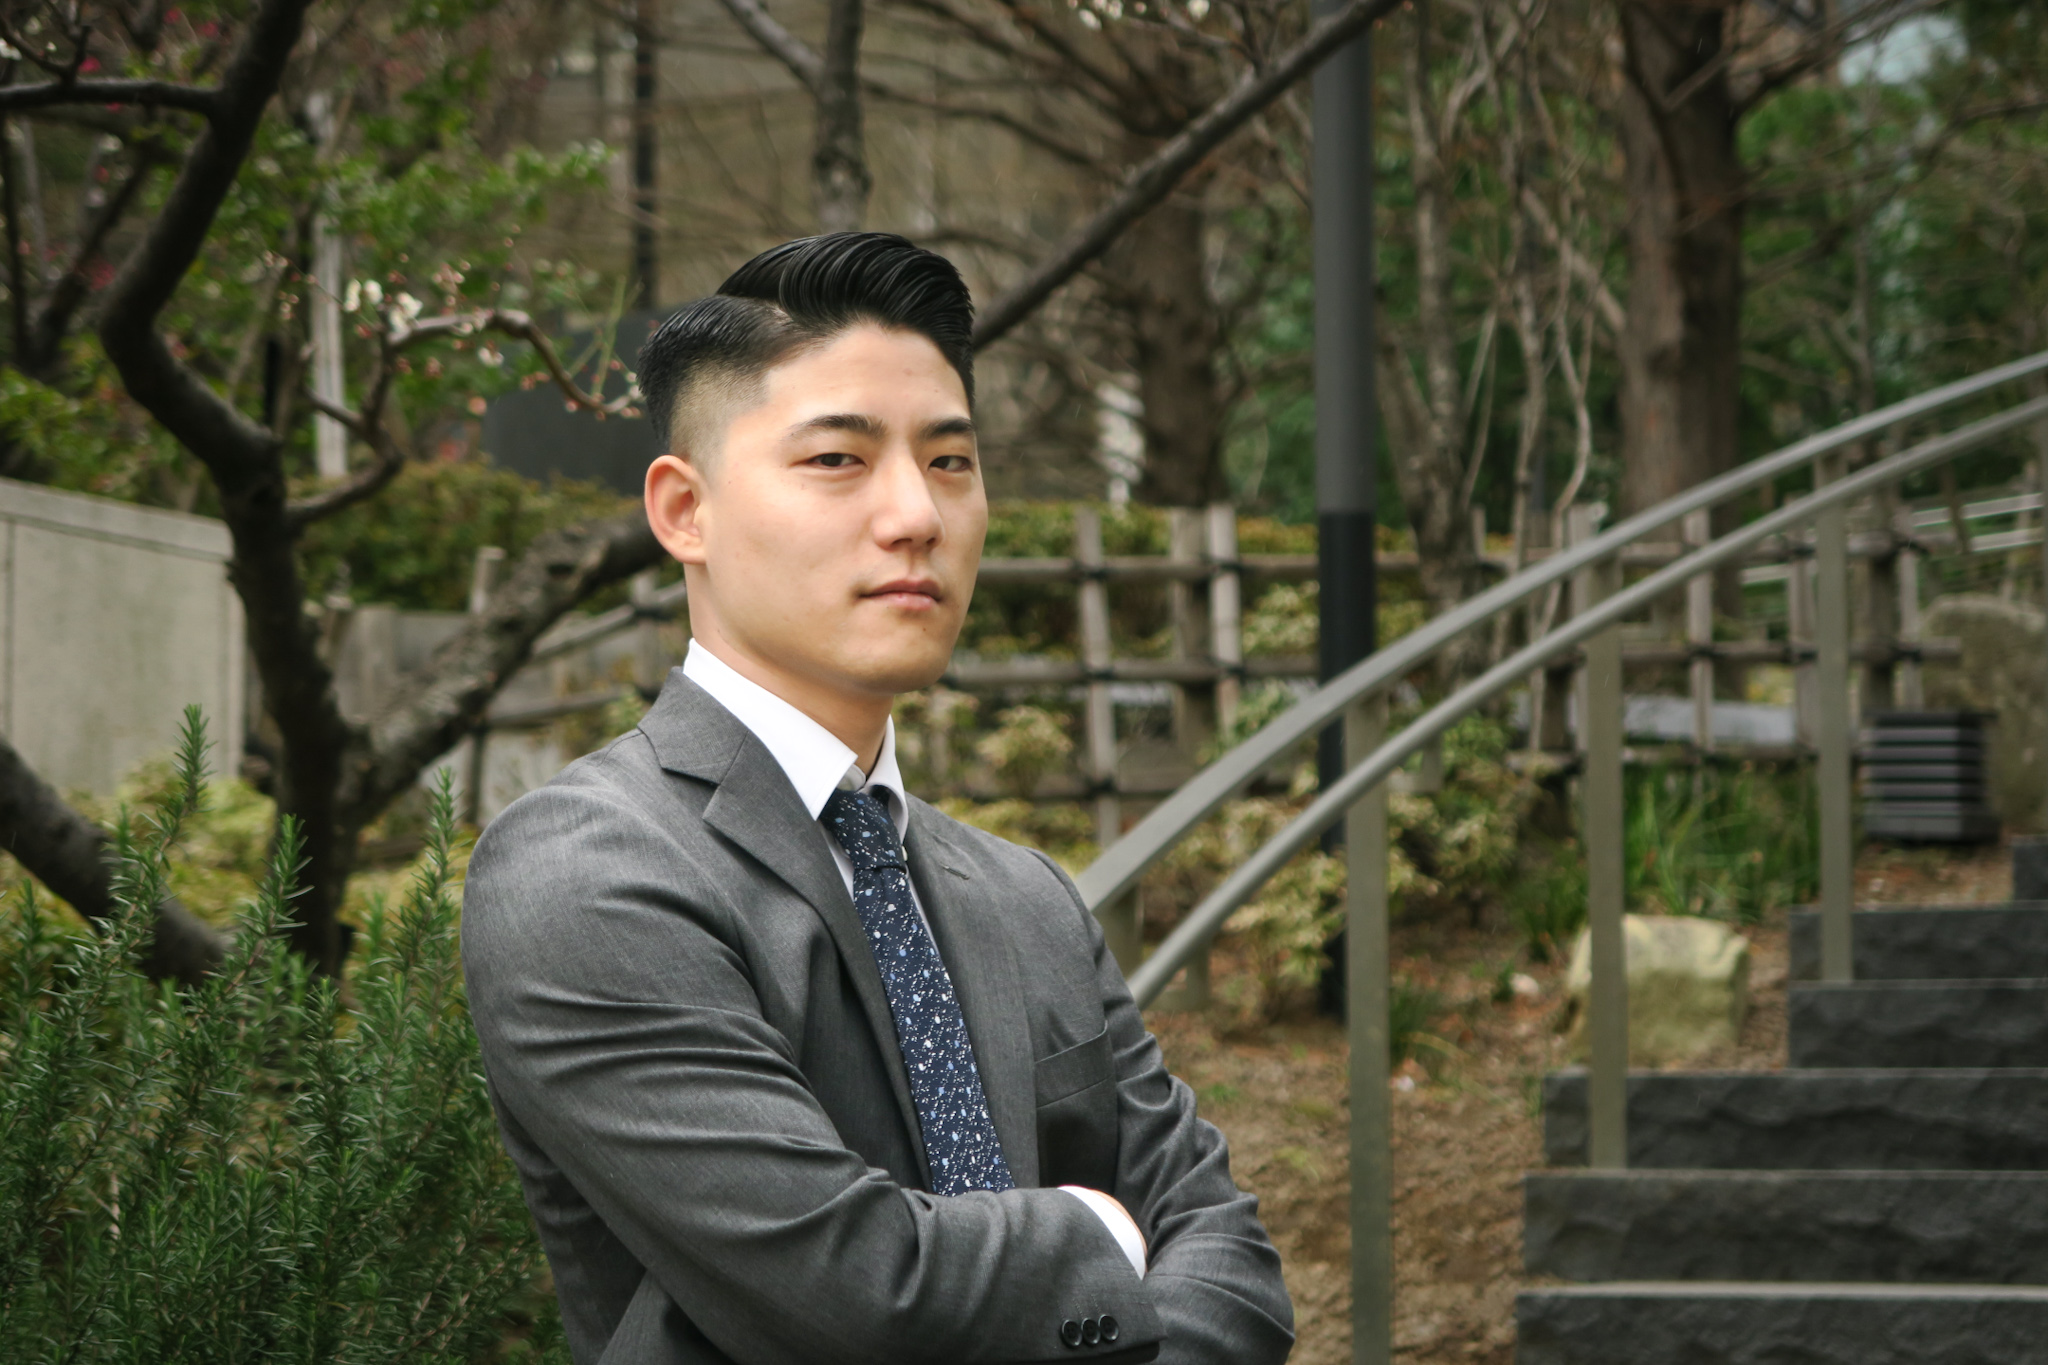 15新卒「コキンちゃん」インタビュー|ロマンのある会社、それがUG